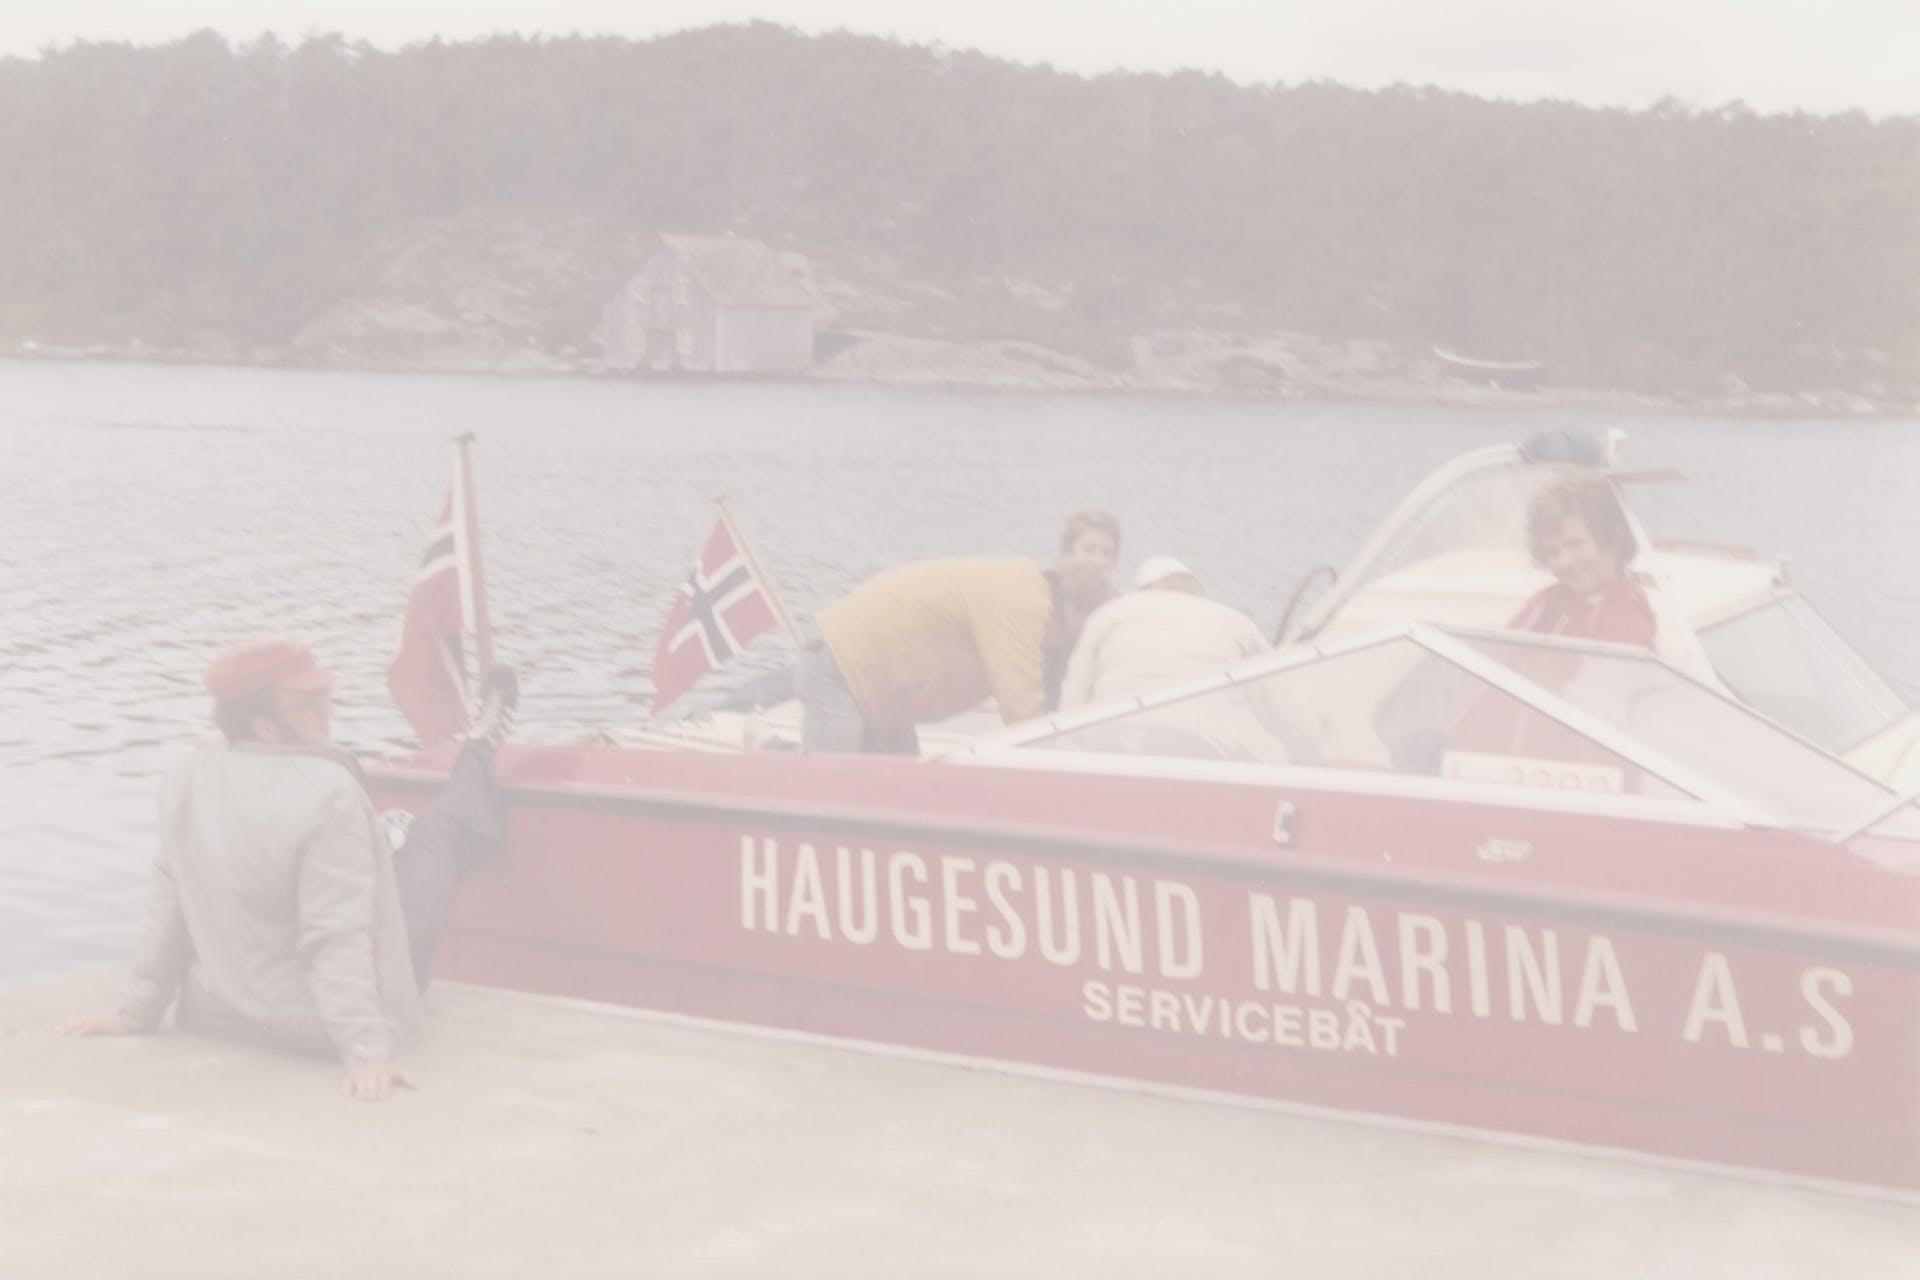 HaugesundMarina_servicebåt_greyfilter